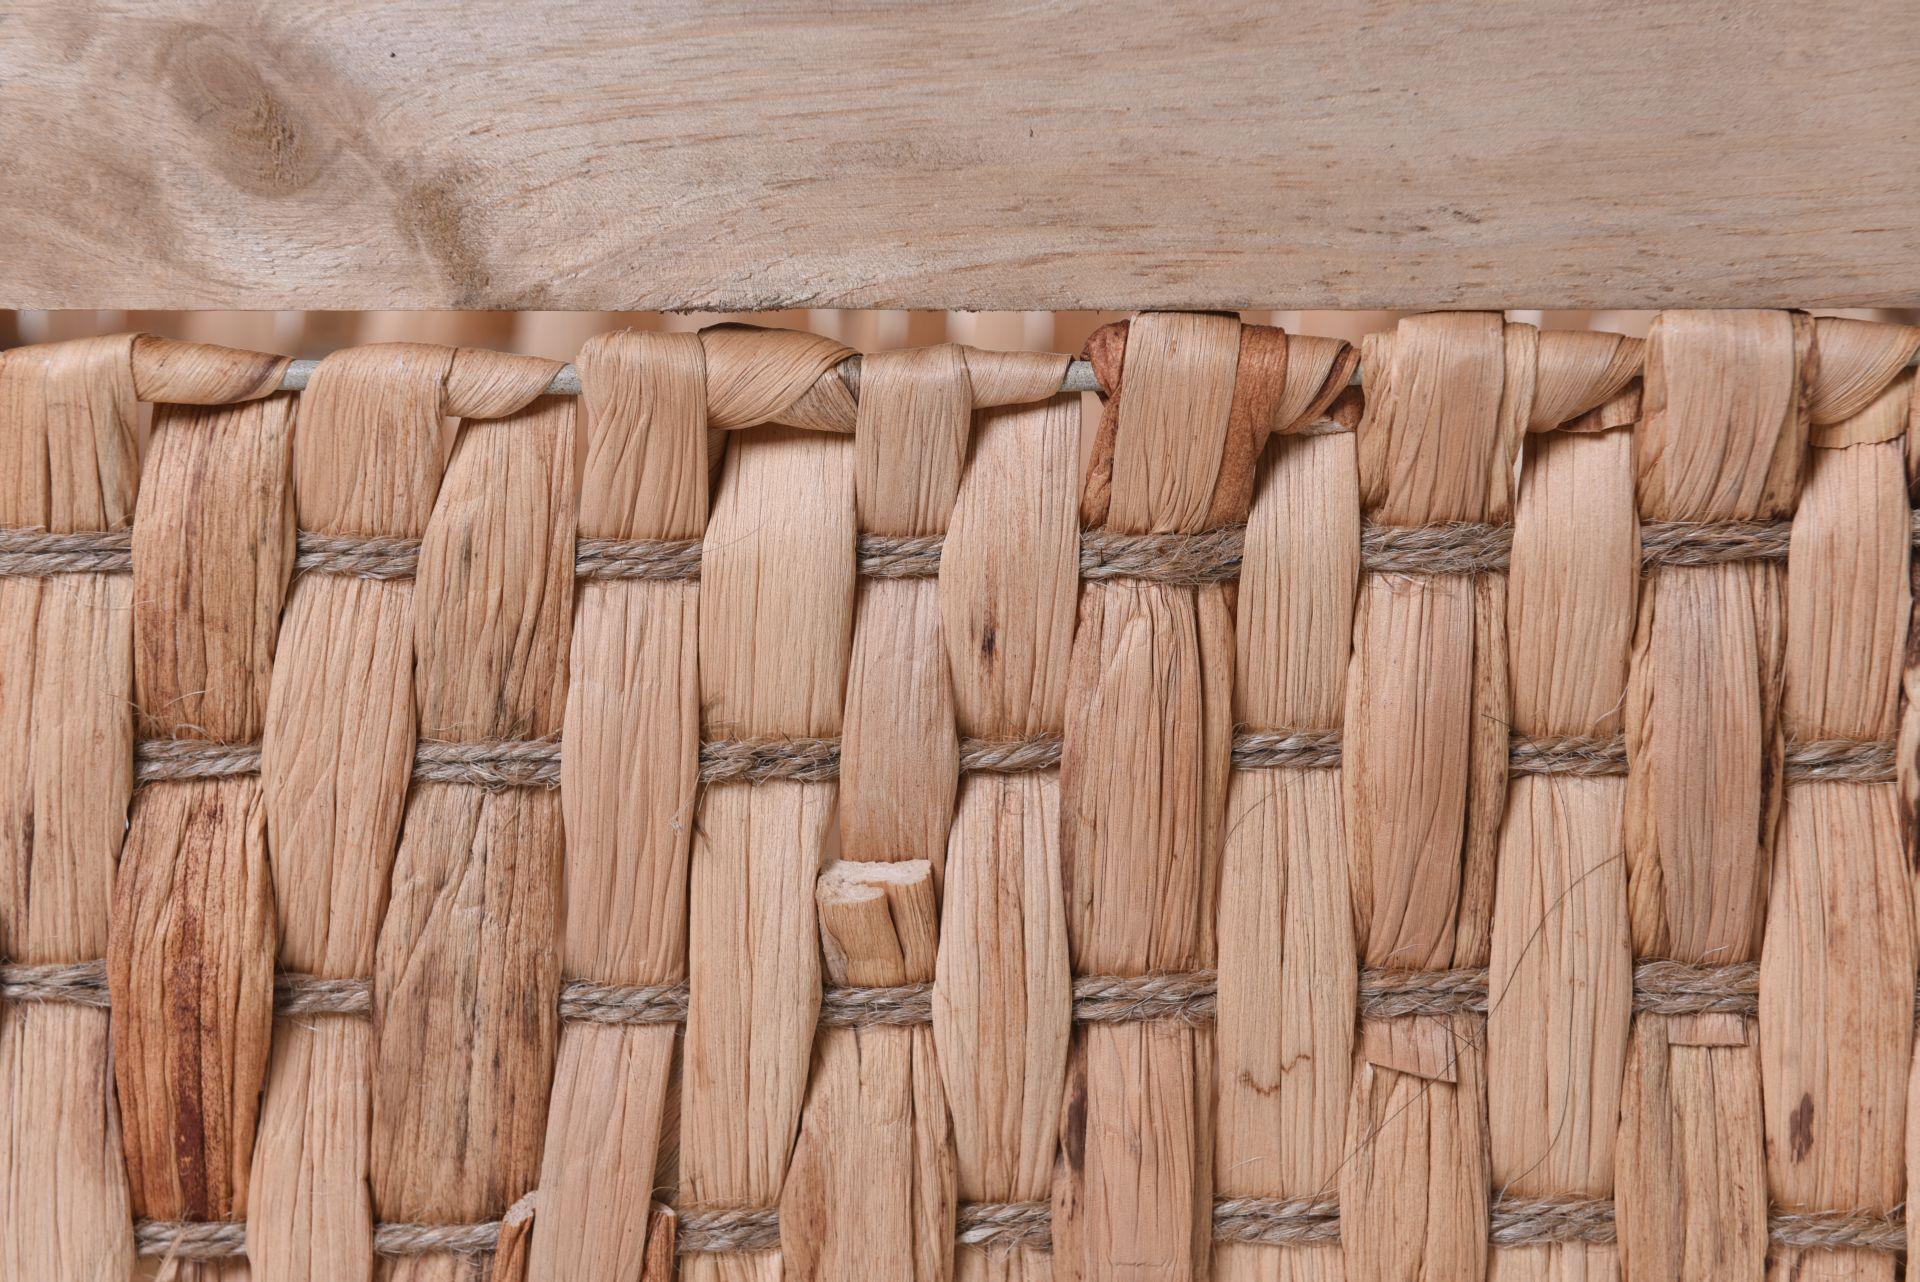 2er set regalkorb schrankkorb yella wasserhyazinthe und. Black Bedroom Furniture Sets. Home Design Ideas